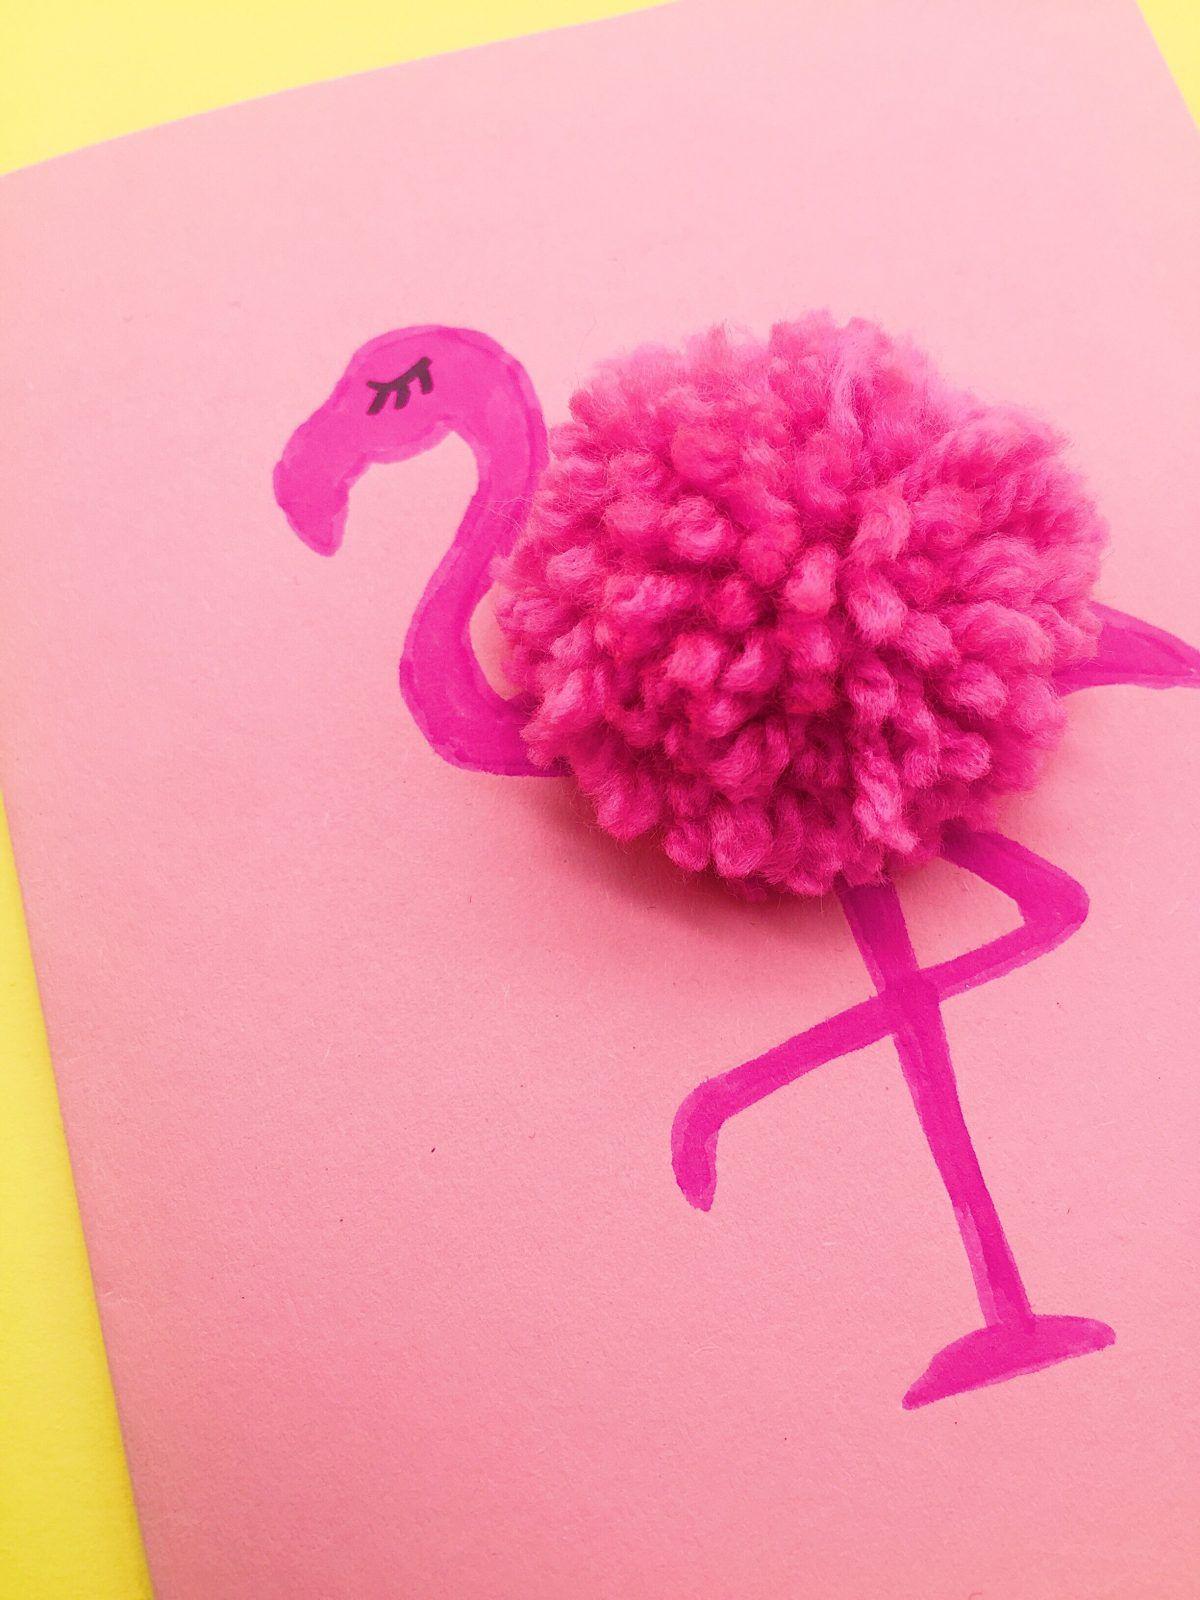 drei einfache diy deko und bastelideen mit flamingos ideas tarjetas entre otros pinterest. Black Bedroom Furniture Sets. Home Design Ideas